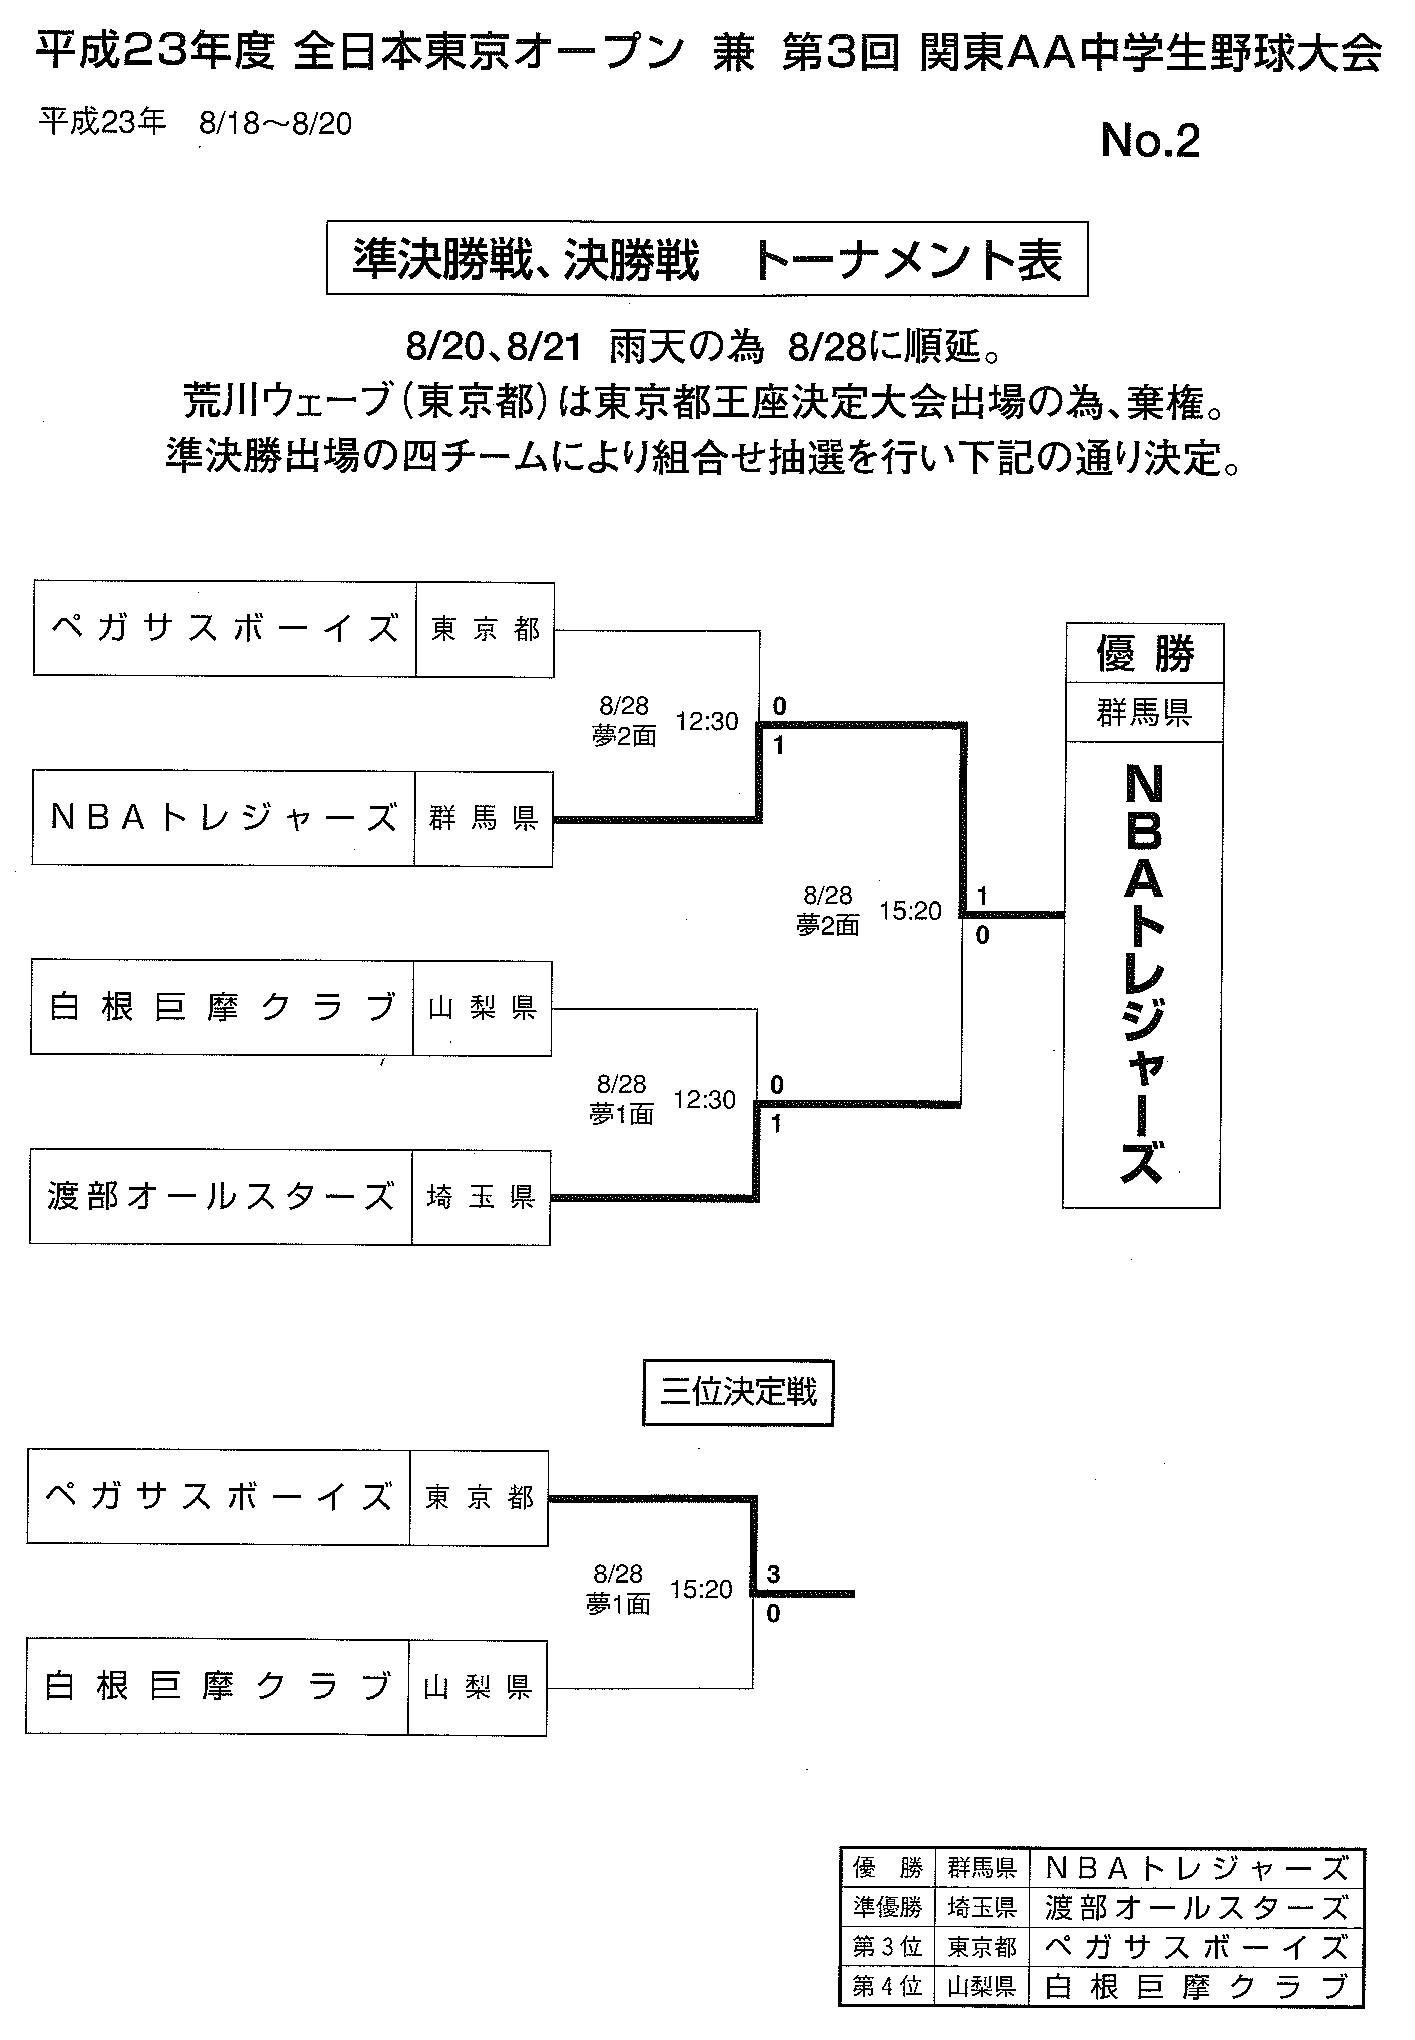 第1回 東京オープン トーナメント表 02